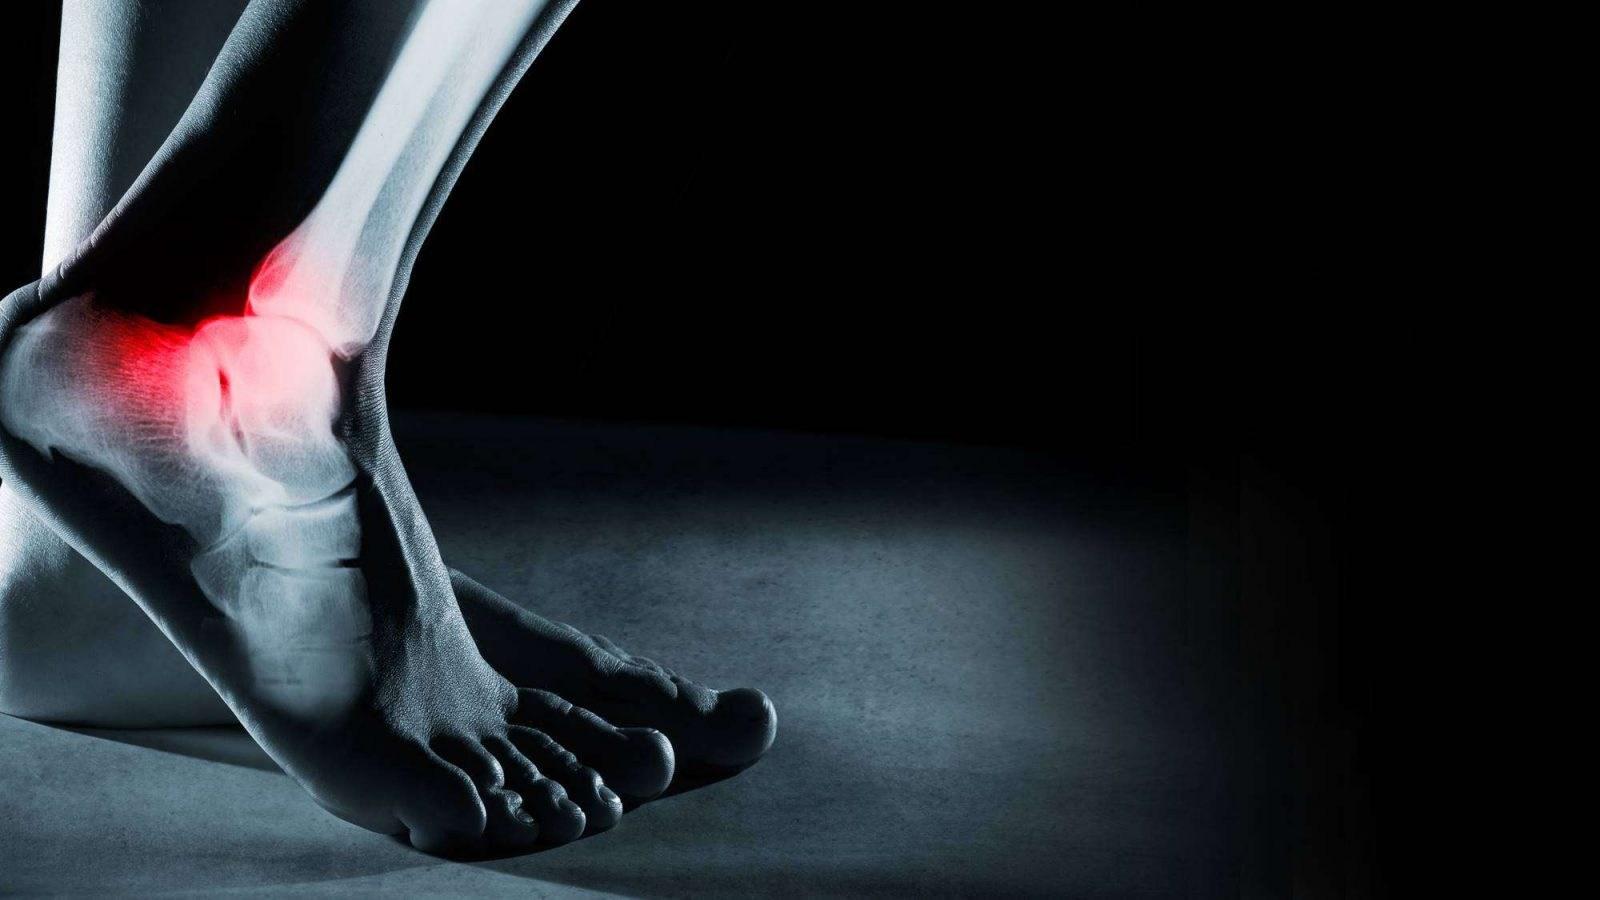 Përdredhja e Kyçit të Këmbës